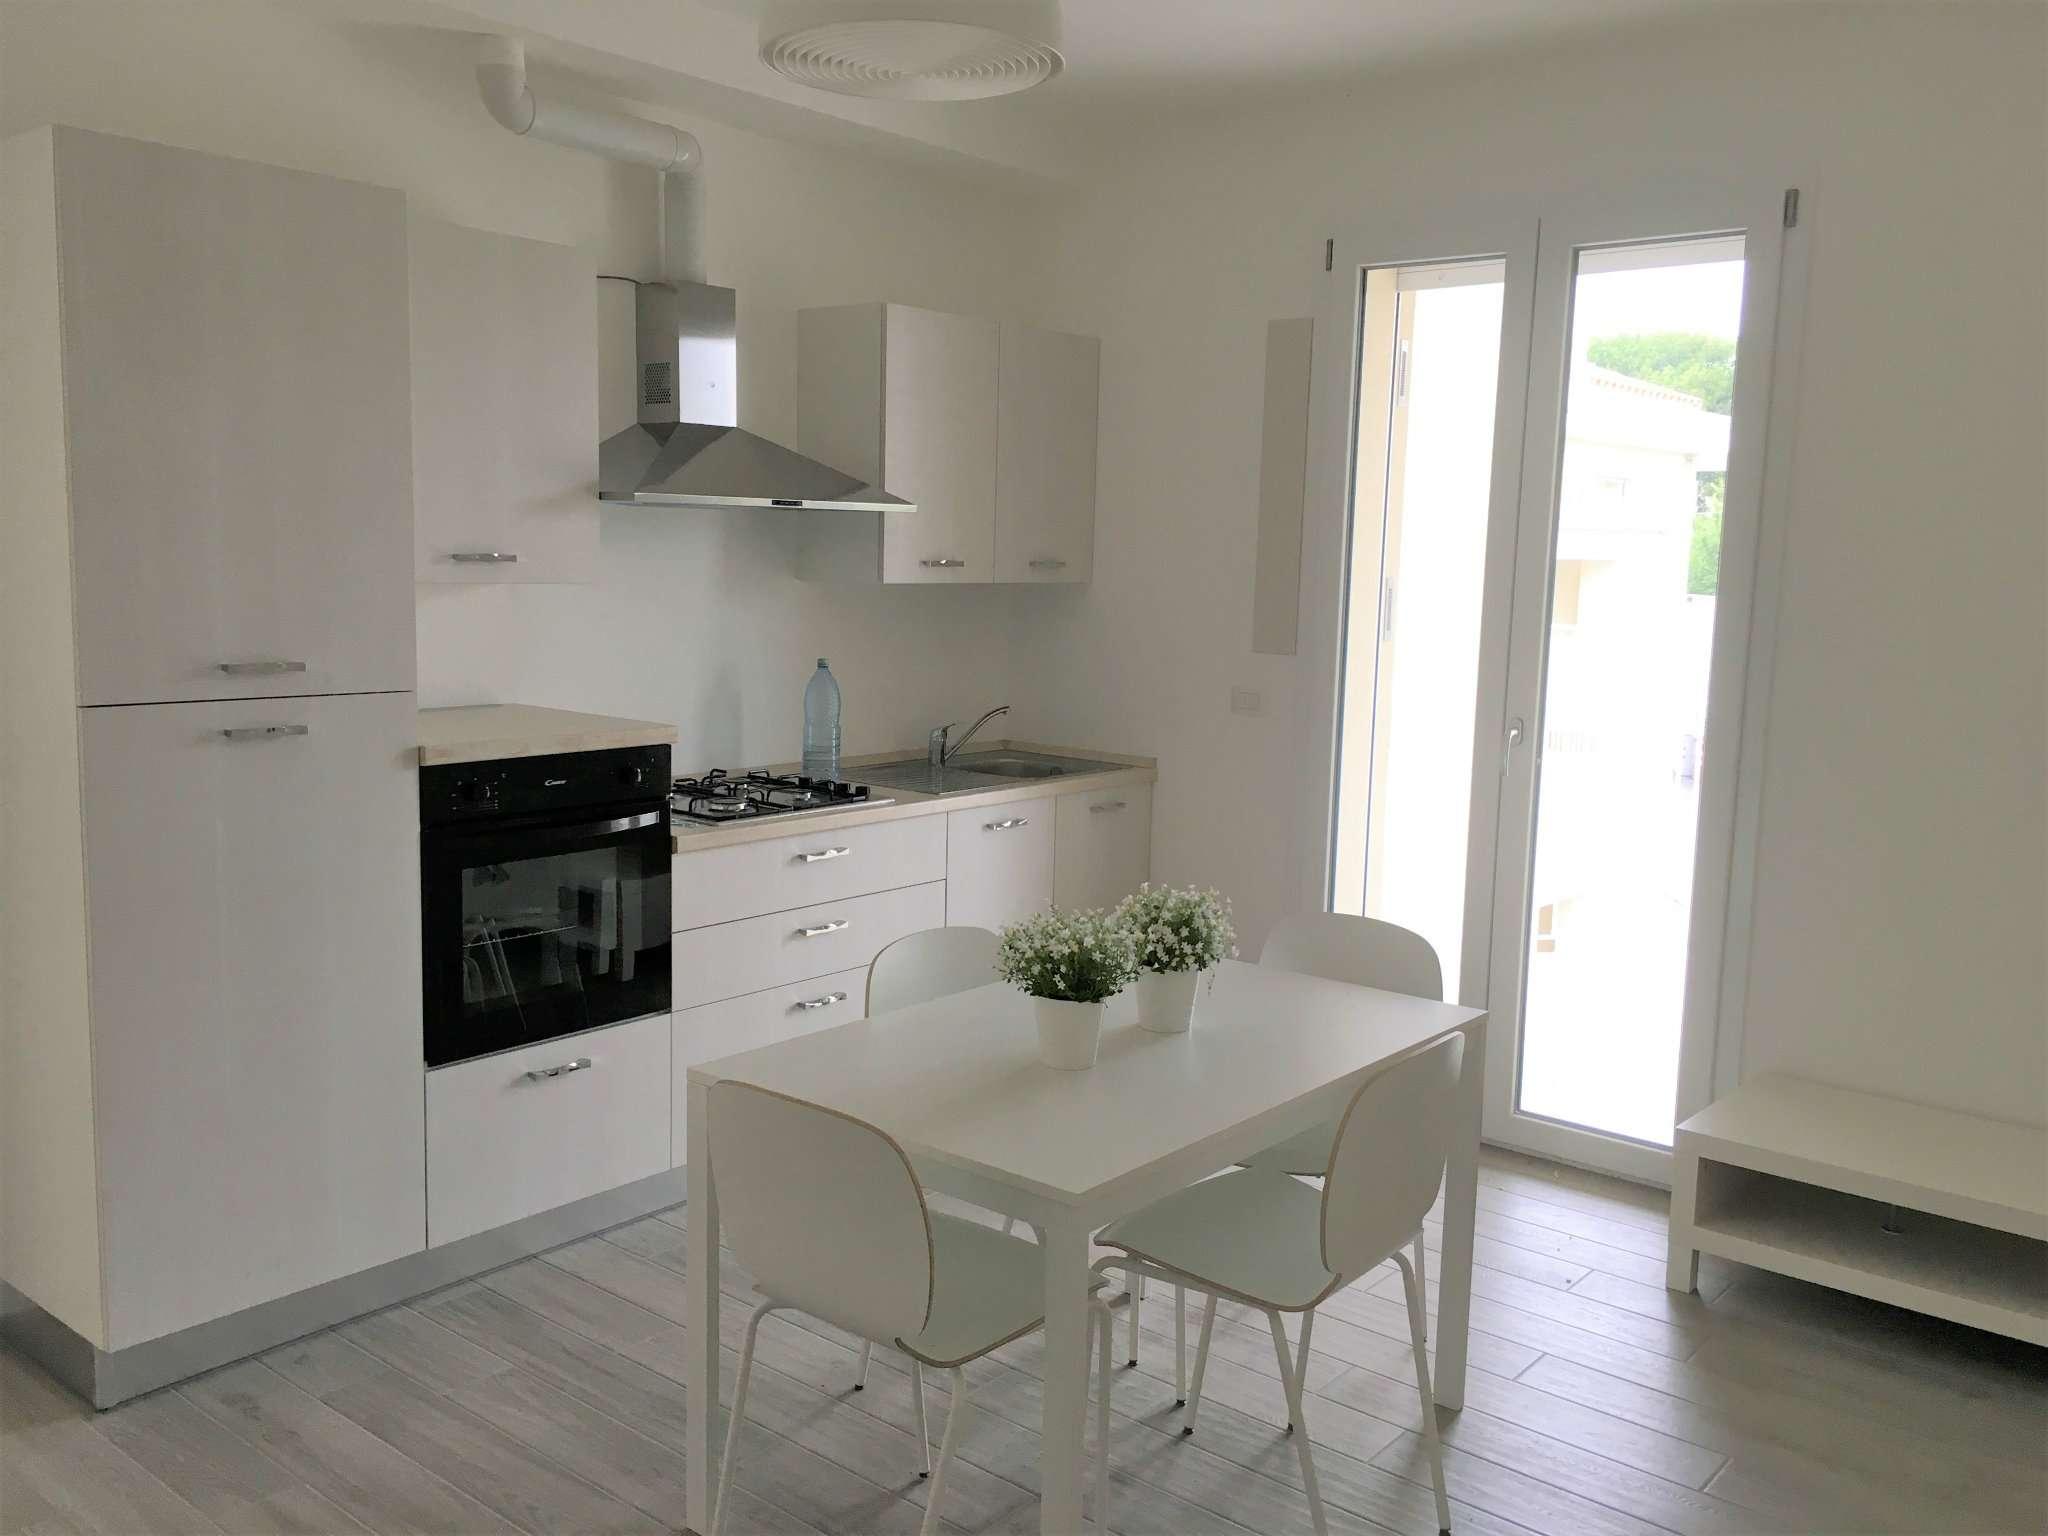 Appartamento in vendita a Osimo, 3 locali, prezzo € 175.000 | PortaleAgenzieImmobiliari.it